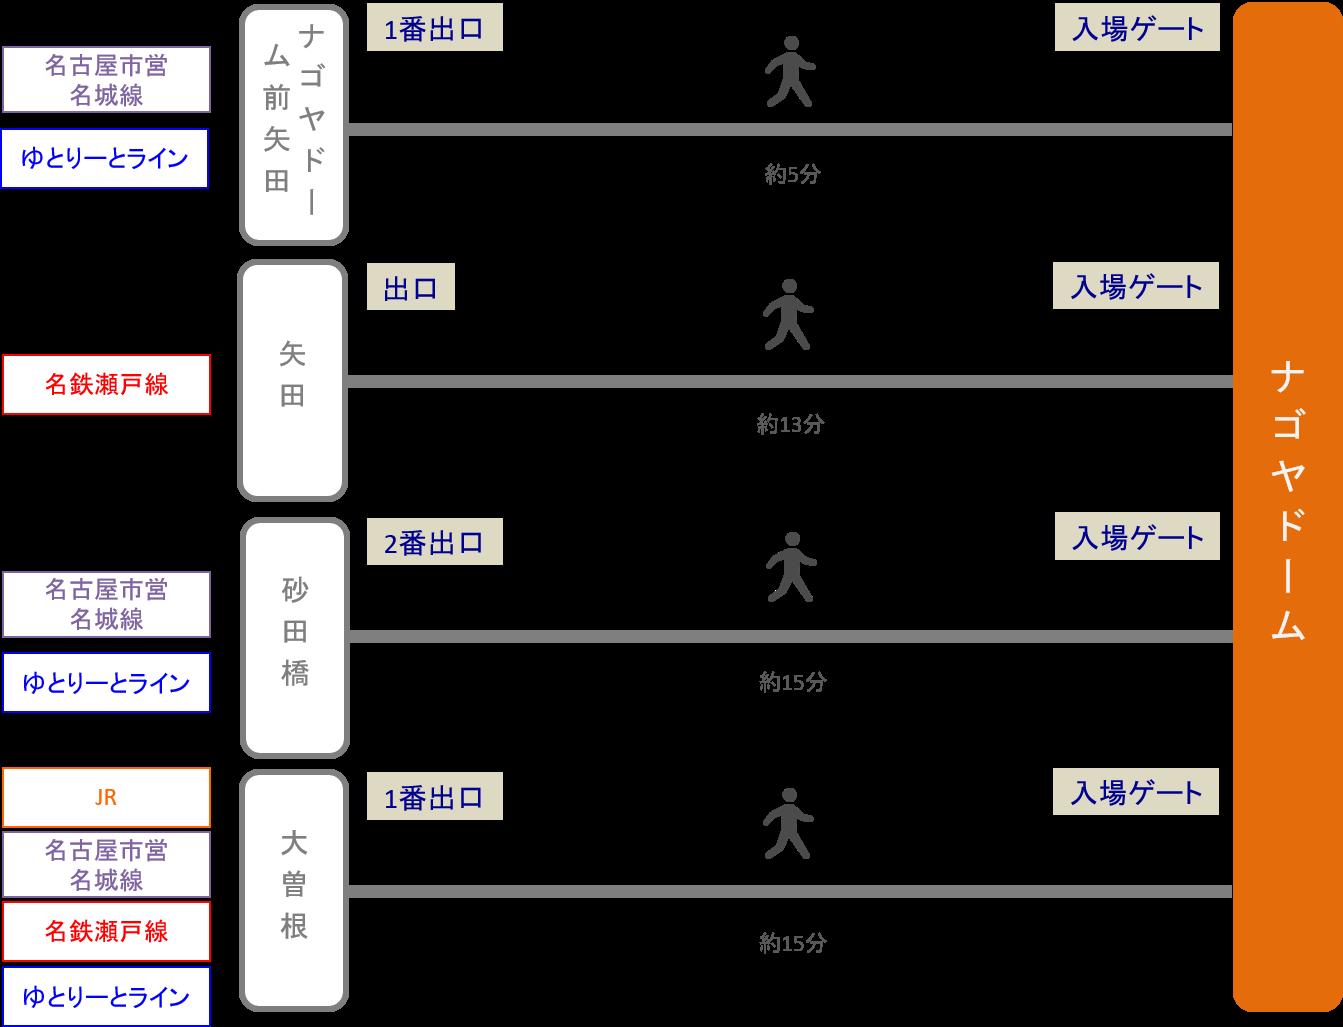 ナゴヤドーム_最寄り駅